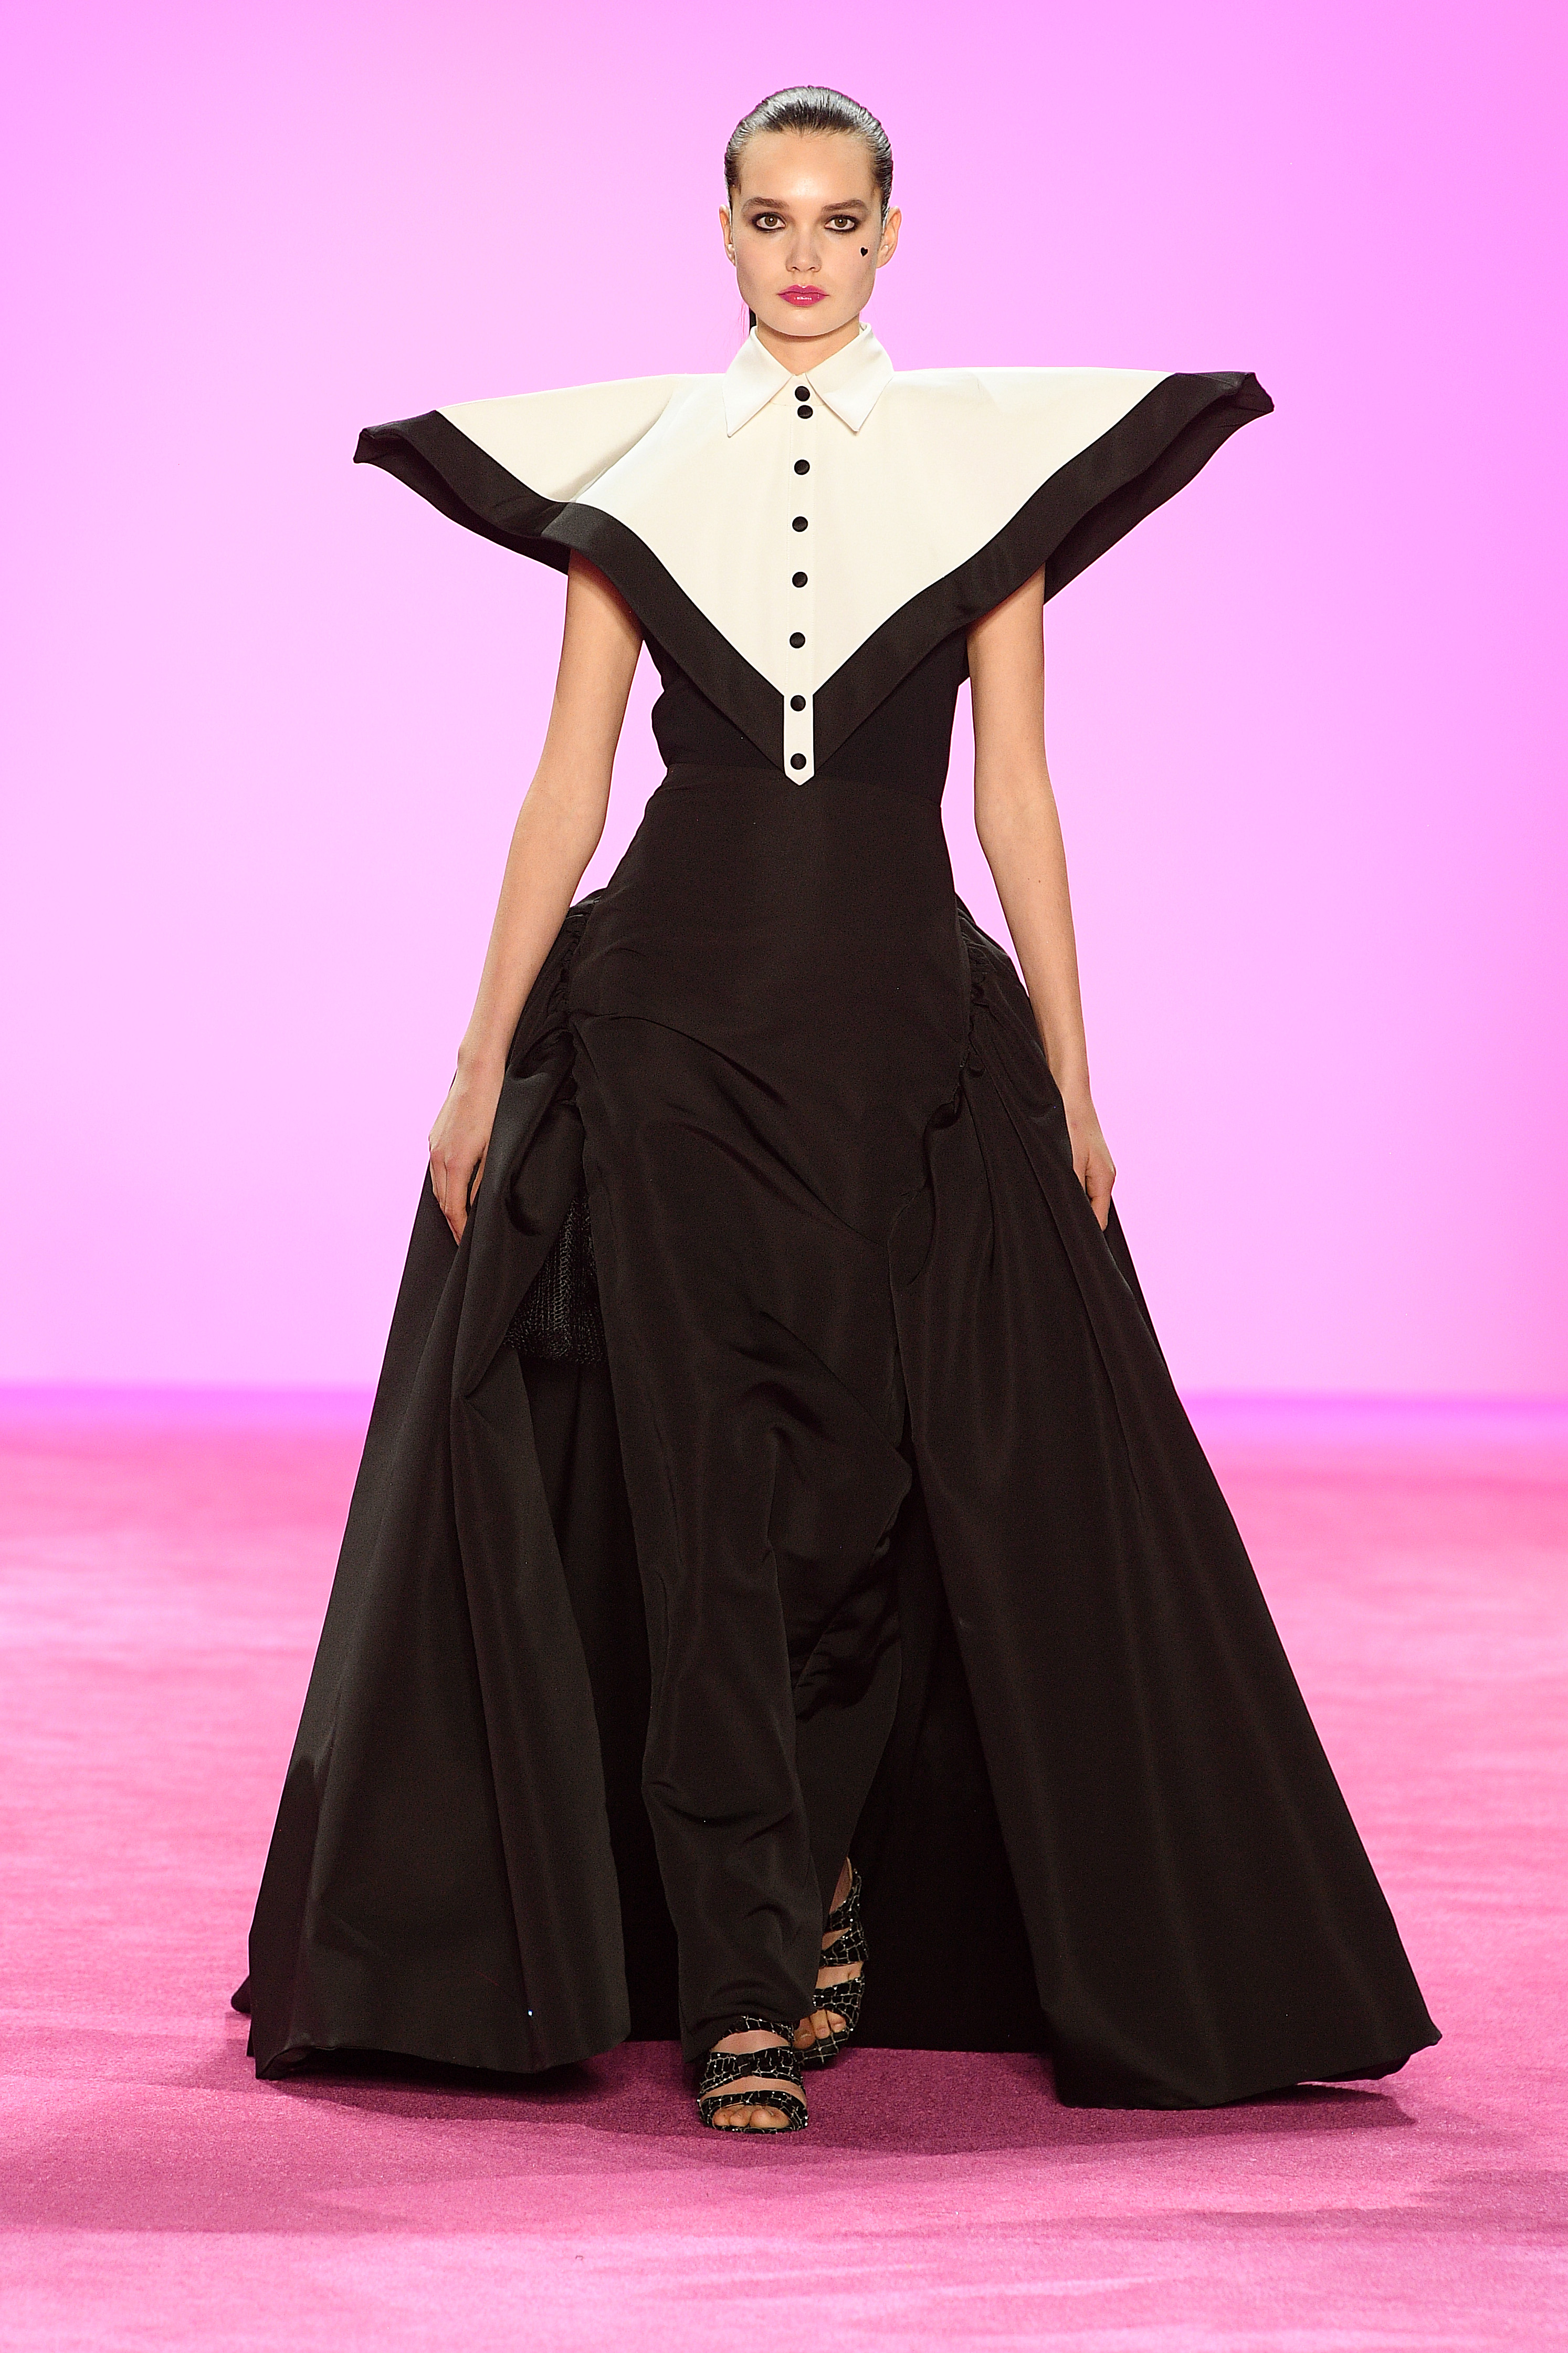 Los diseños geométricos llamaron la atención en toda la colección del diseñador. En pasarela un modelo en blanco y negro abotonado con gran falda